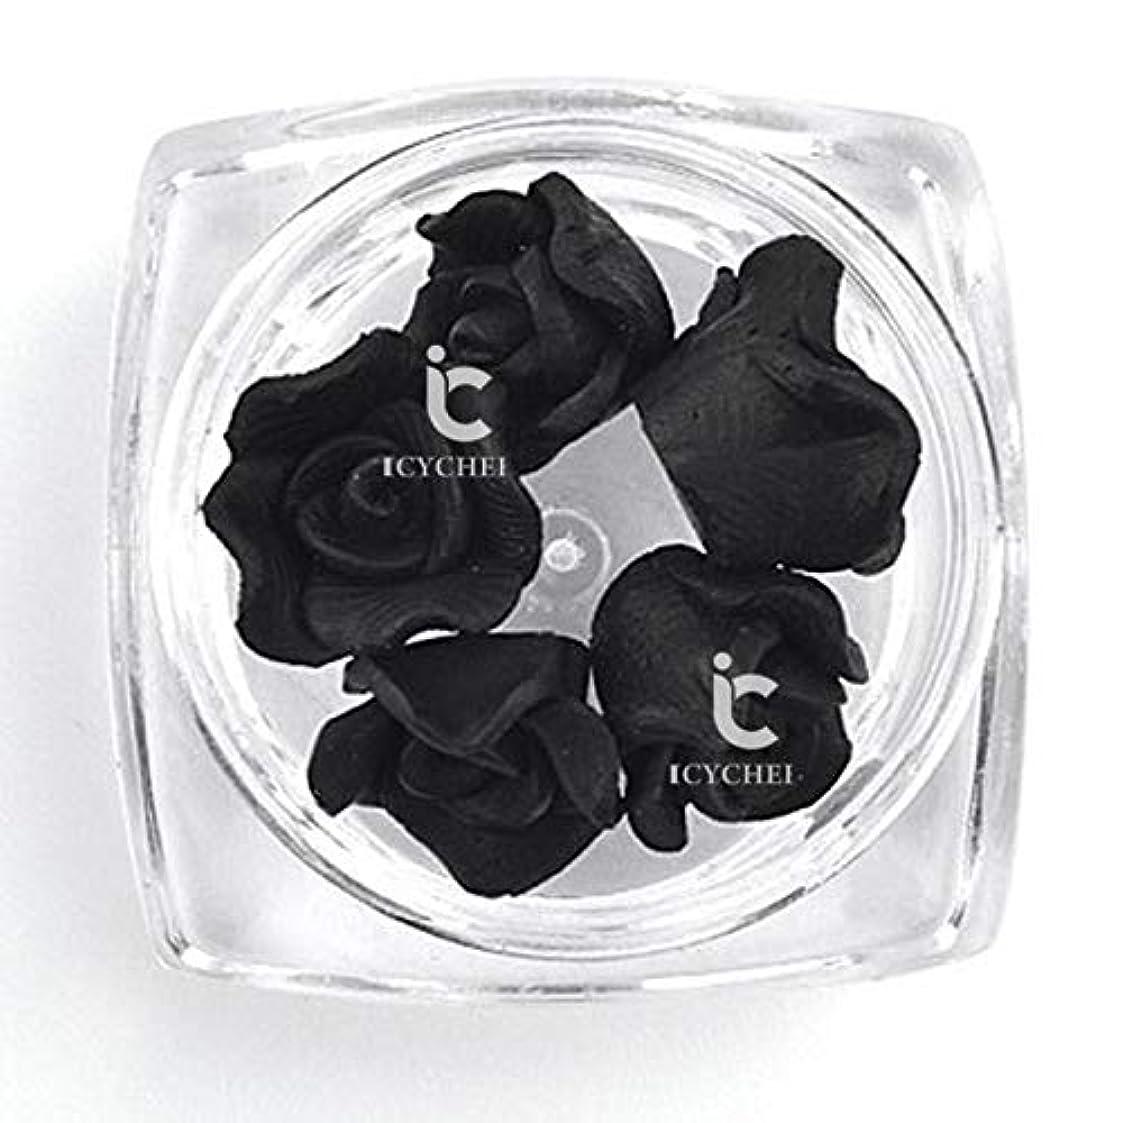 シェル尽きる明示的にICYCHEER 3D ネイルアートアクリルローズフラワー Diy の装飾スライス Uv ジェルネイルアートのヒント Diy のネイルアート accessoires (Black)